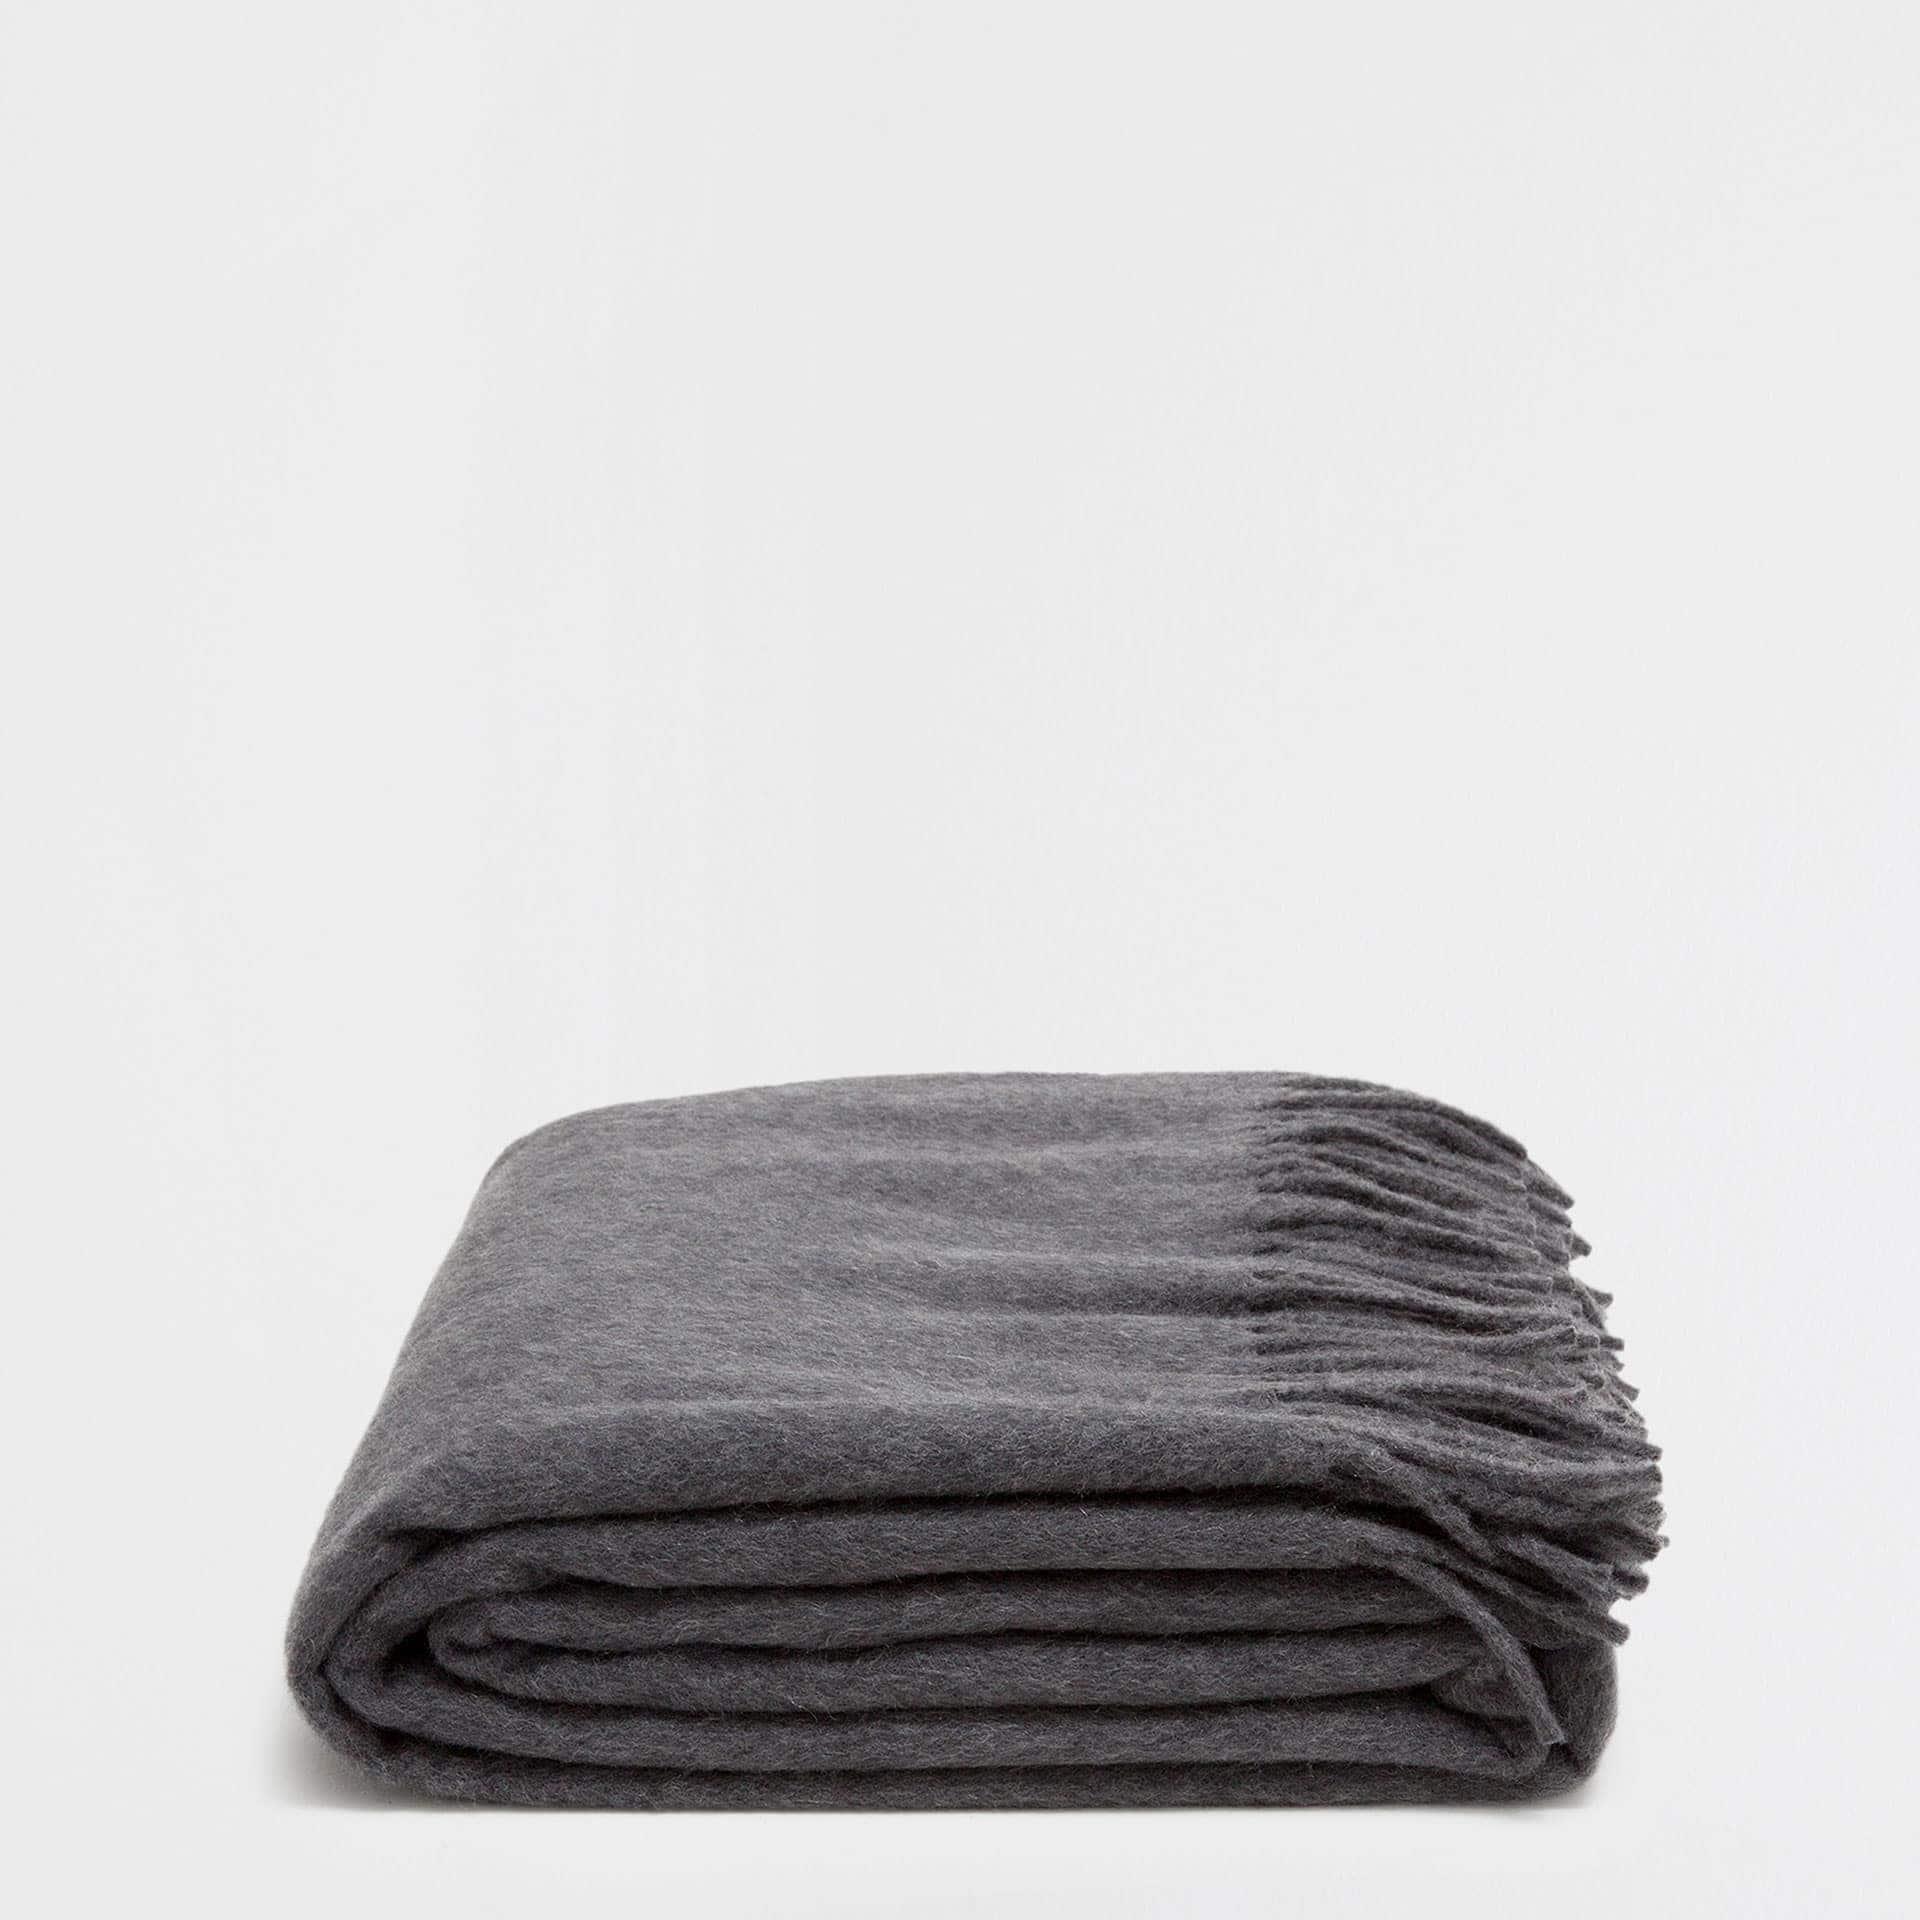 plain grey cashmere blanket with fringe - Cashmere Blanket